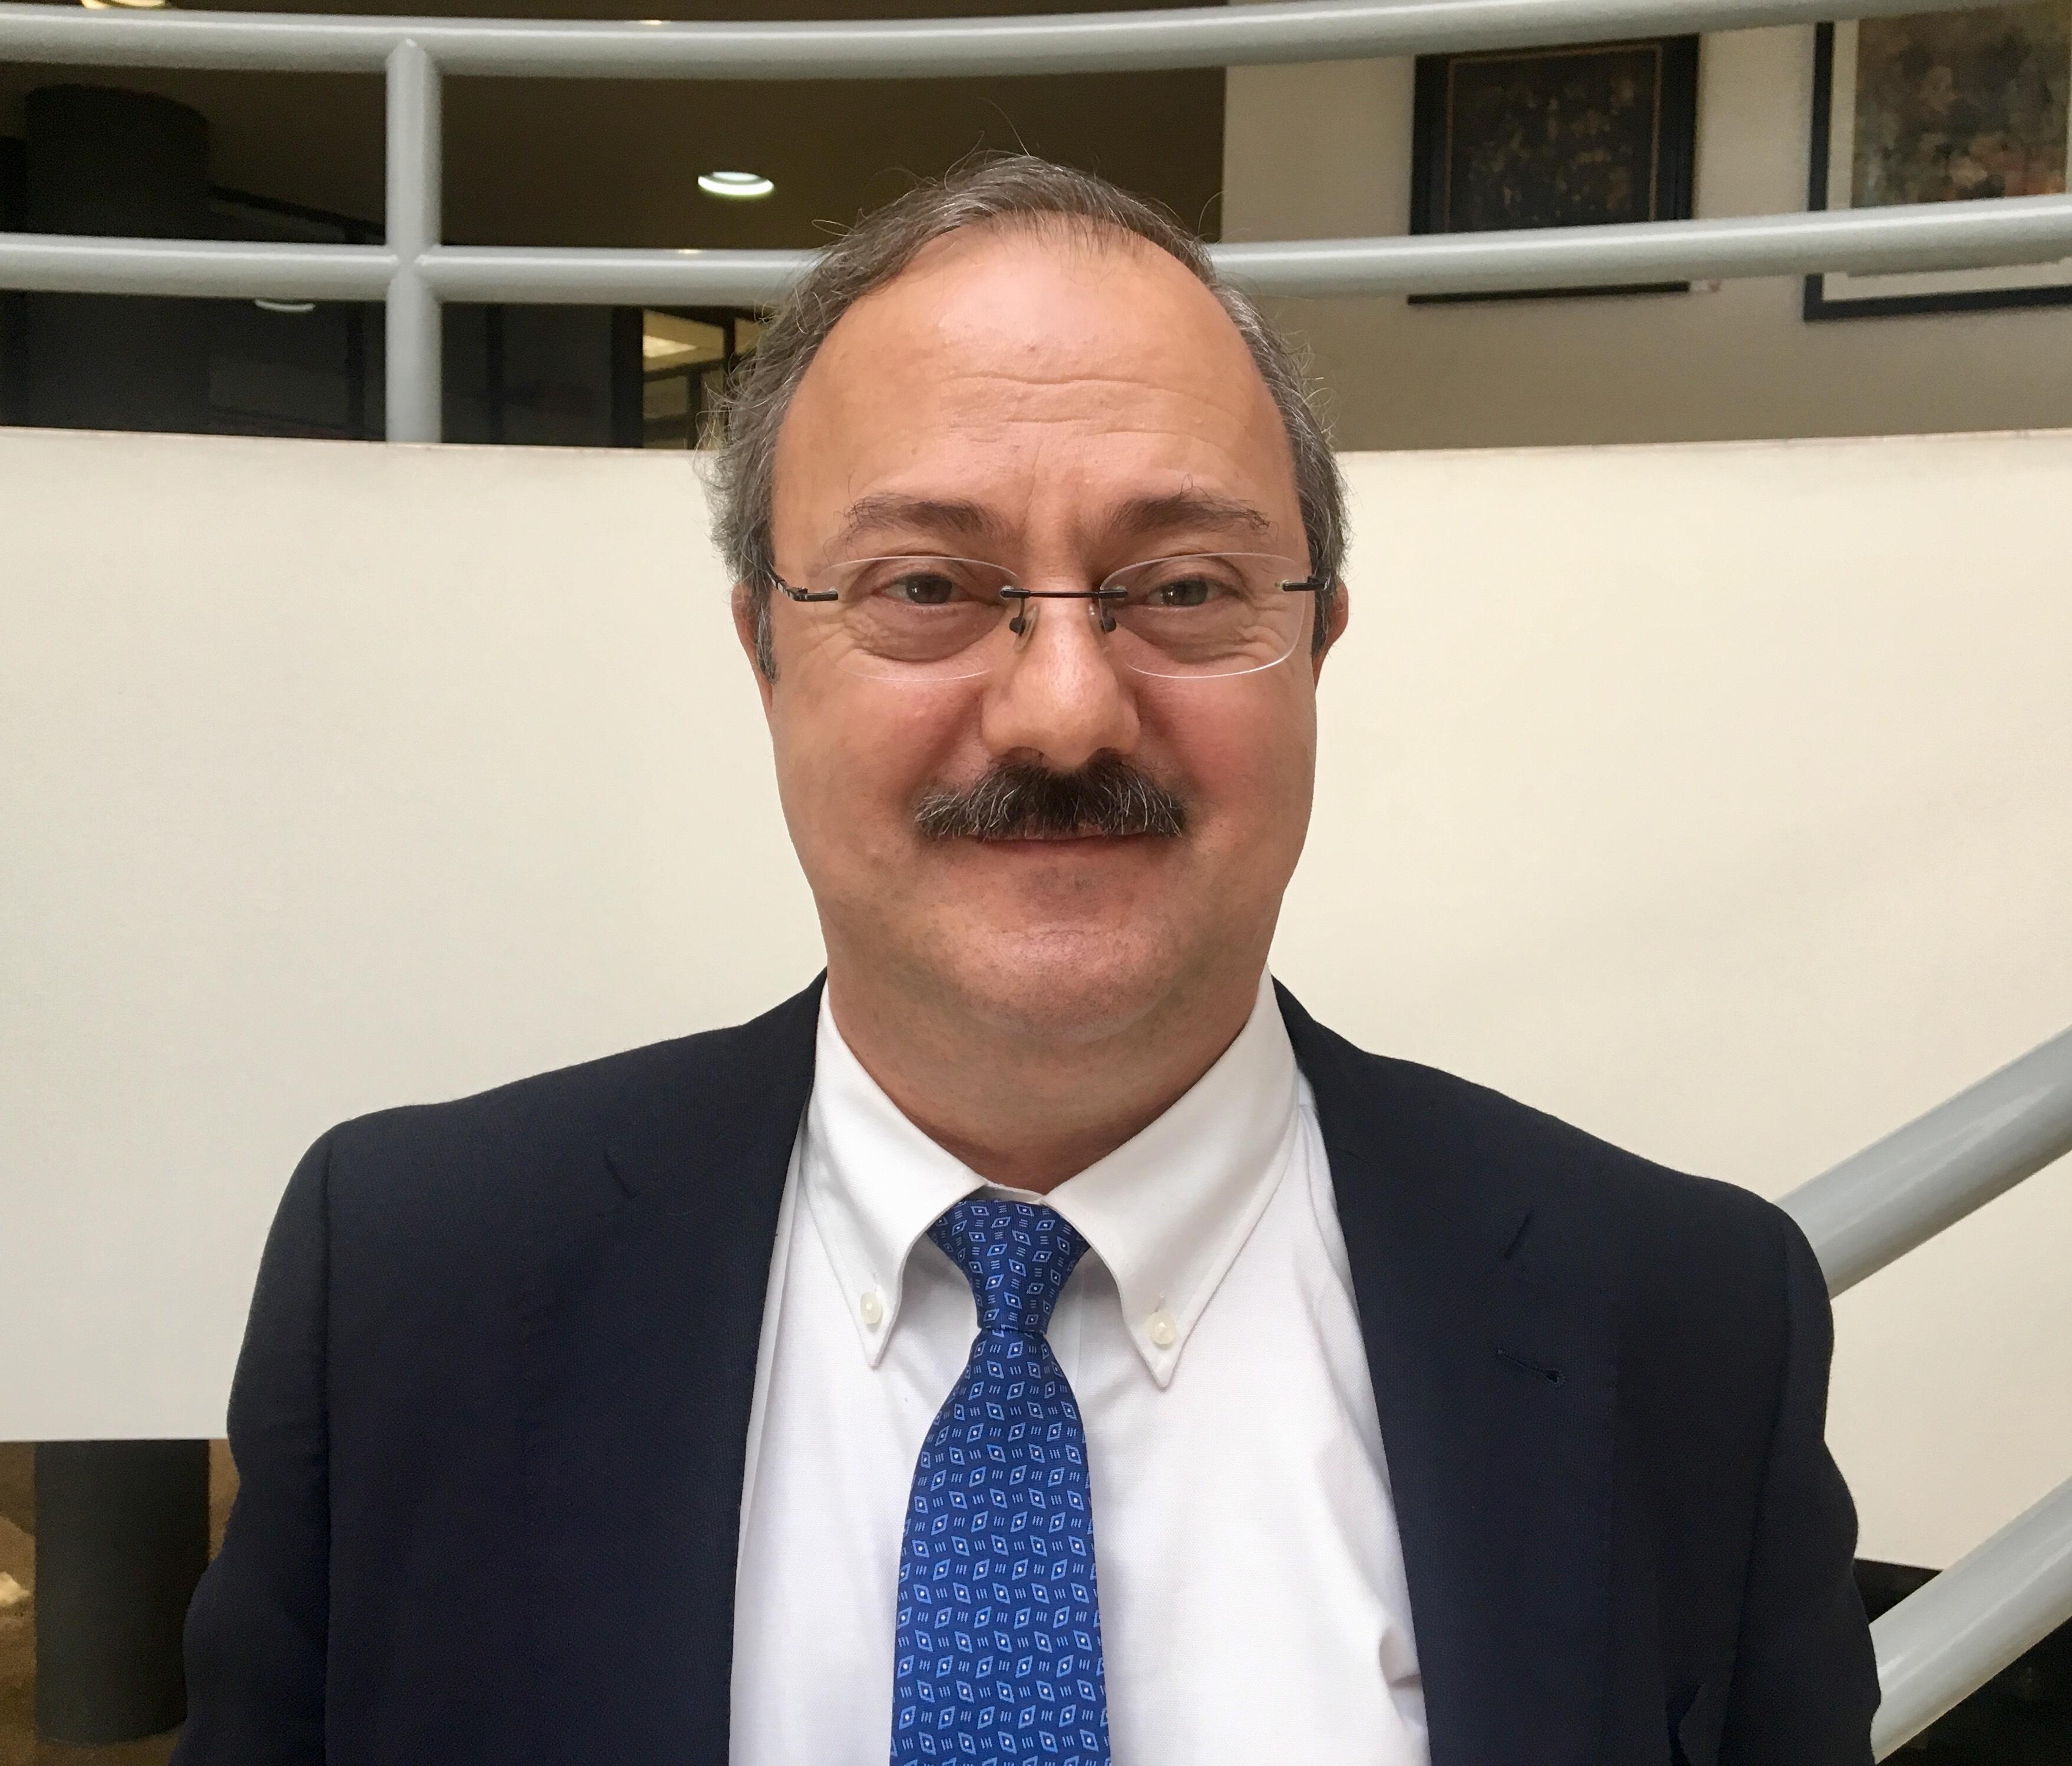 El doctor Enrique Ávila comparte su parecer del tema Cataluña-España.